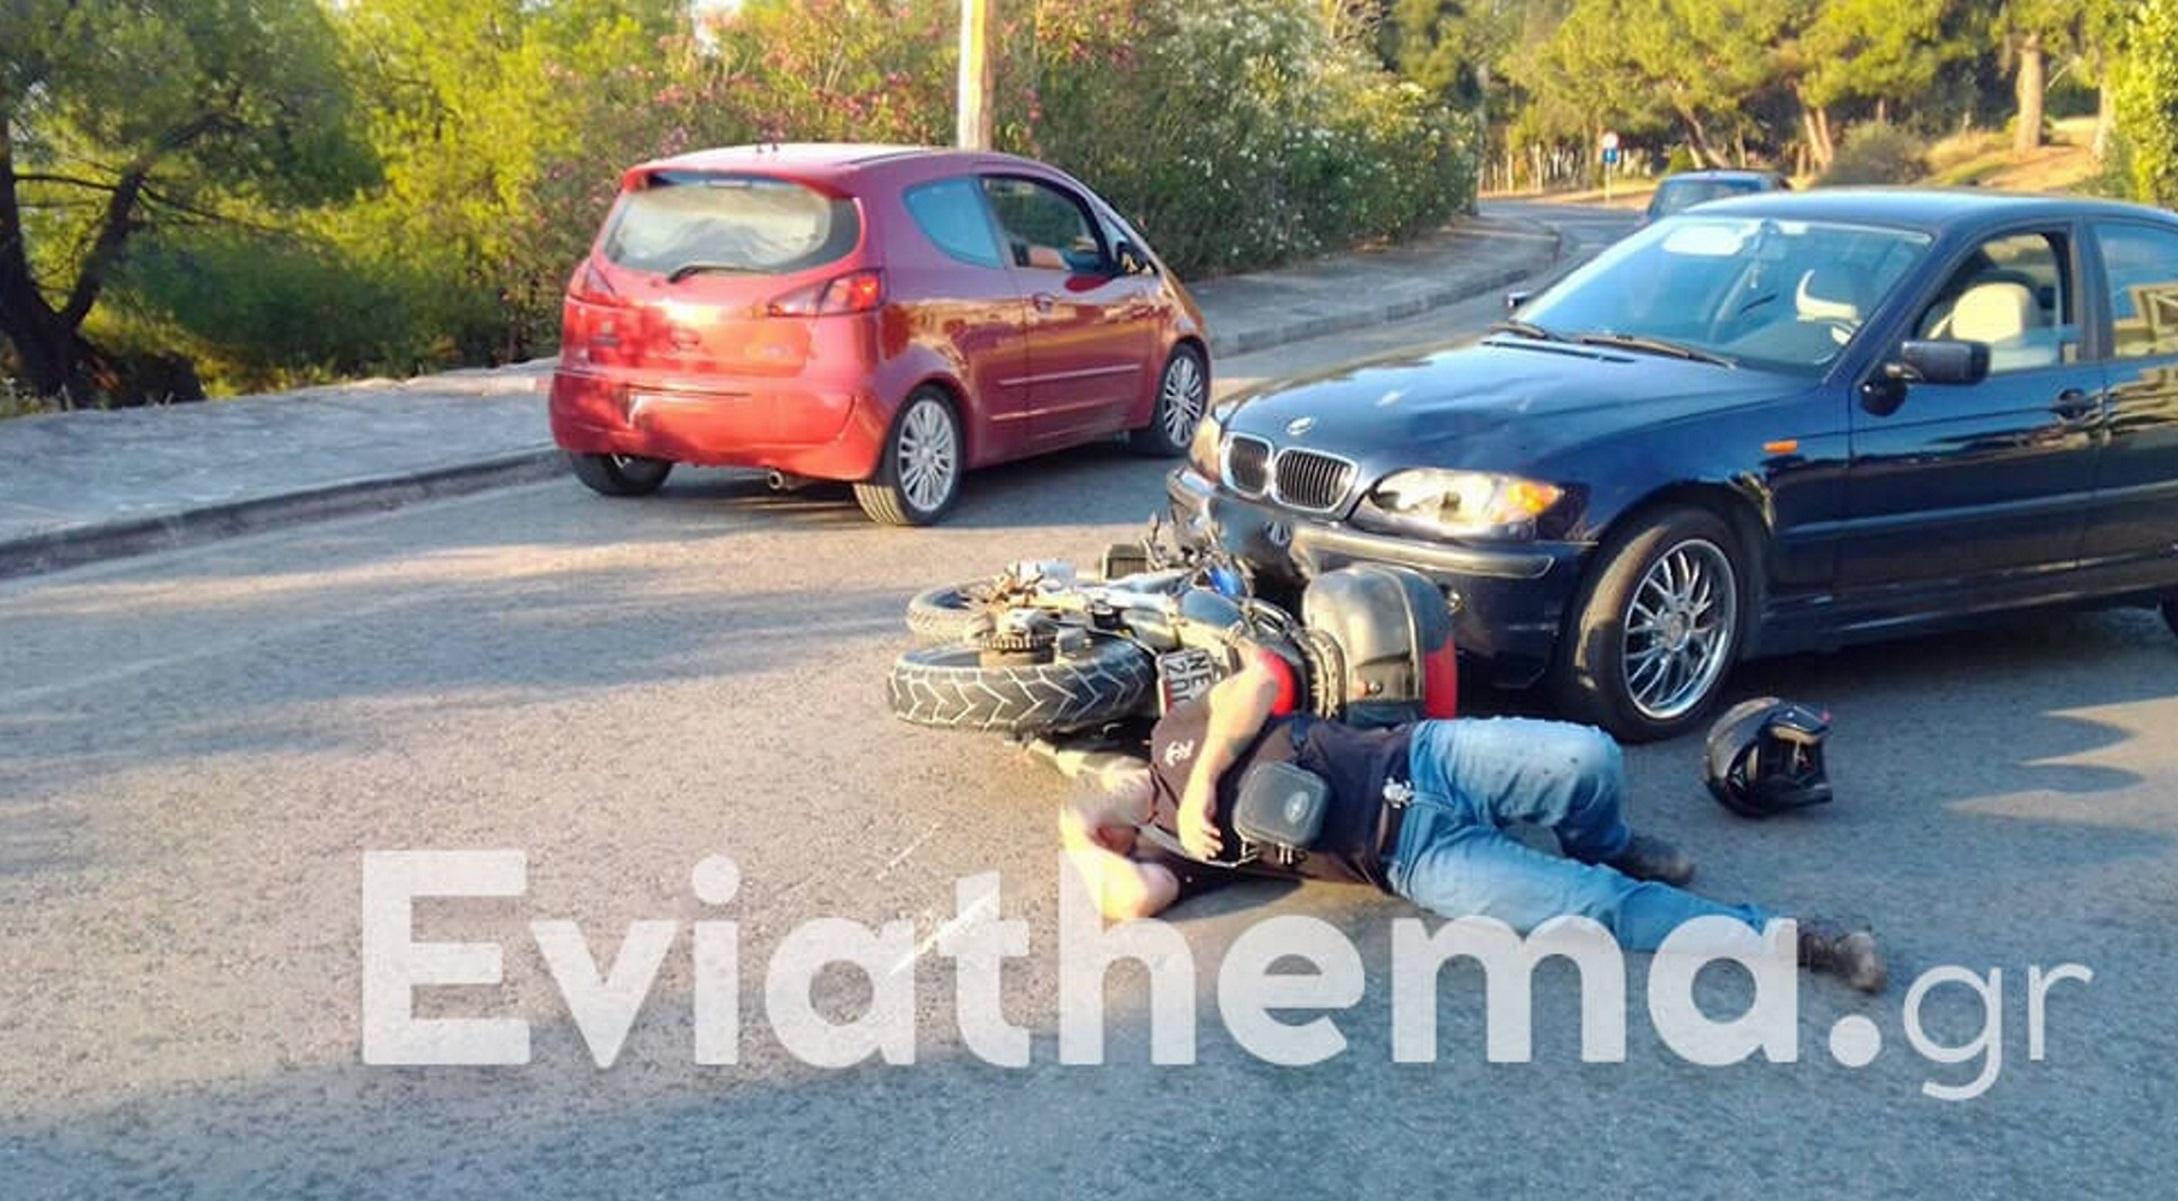 Χαλκίδα: Σφοδρή σύγκρουση αυτοκινήτου με μηχανή – Σοβαρά τραυματίας ο μοτοσικλετιστής (pic)